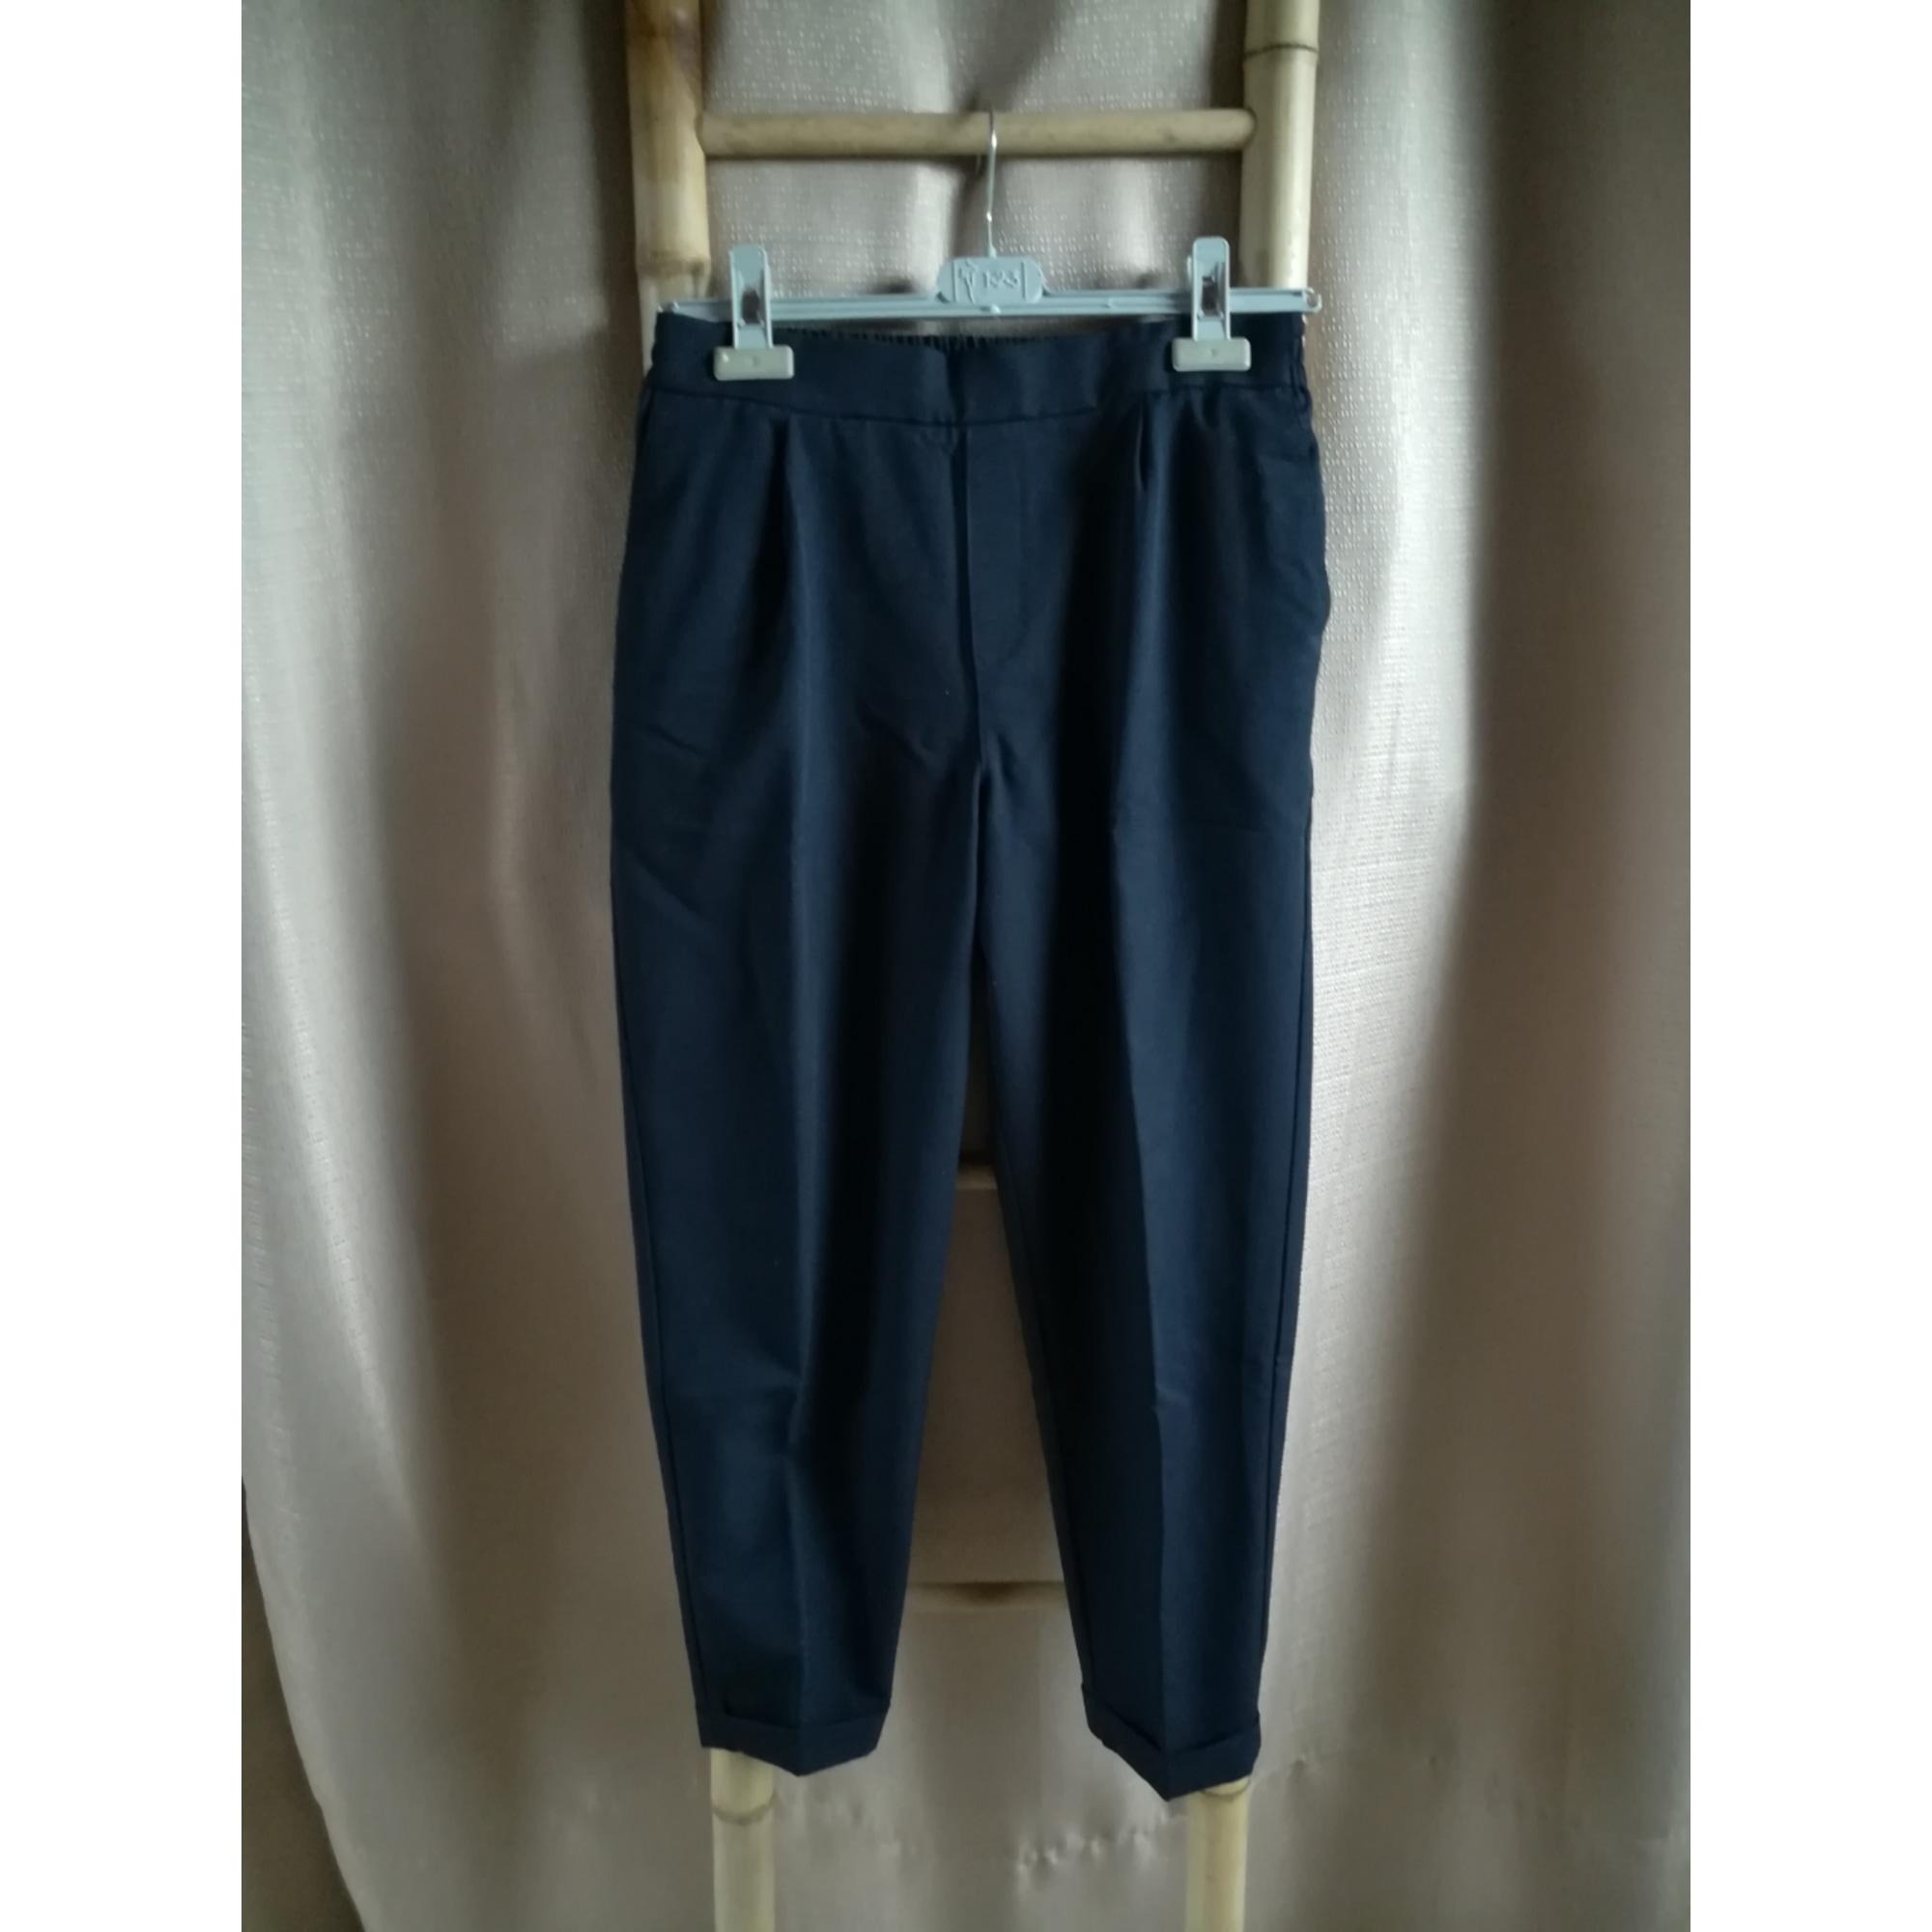 Pantalon carotte PULL & BEAR Bleu, bleu marine, bleu turquoise